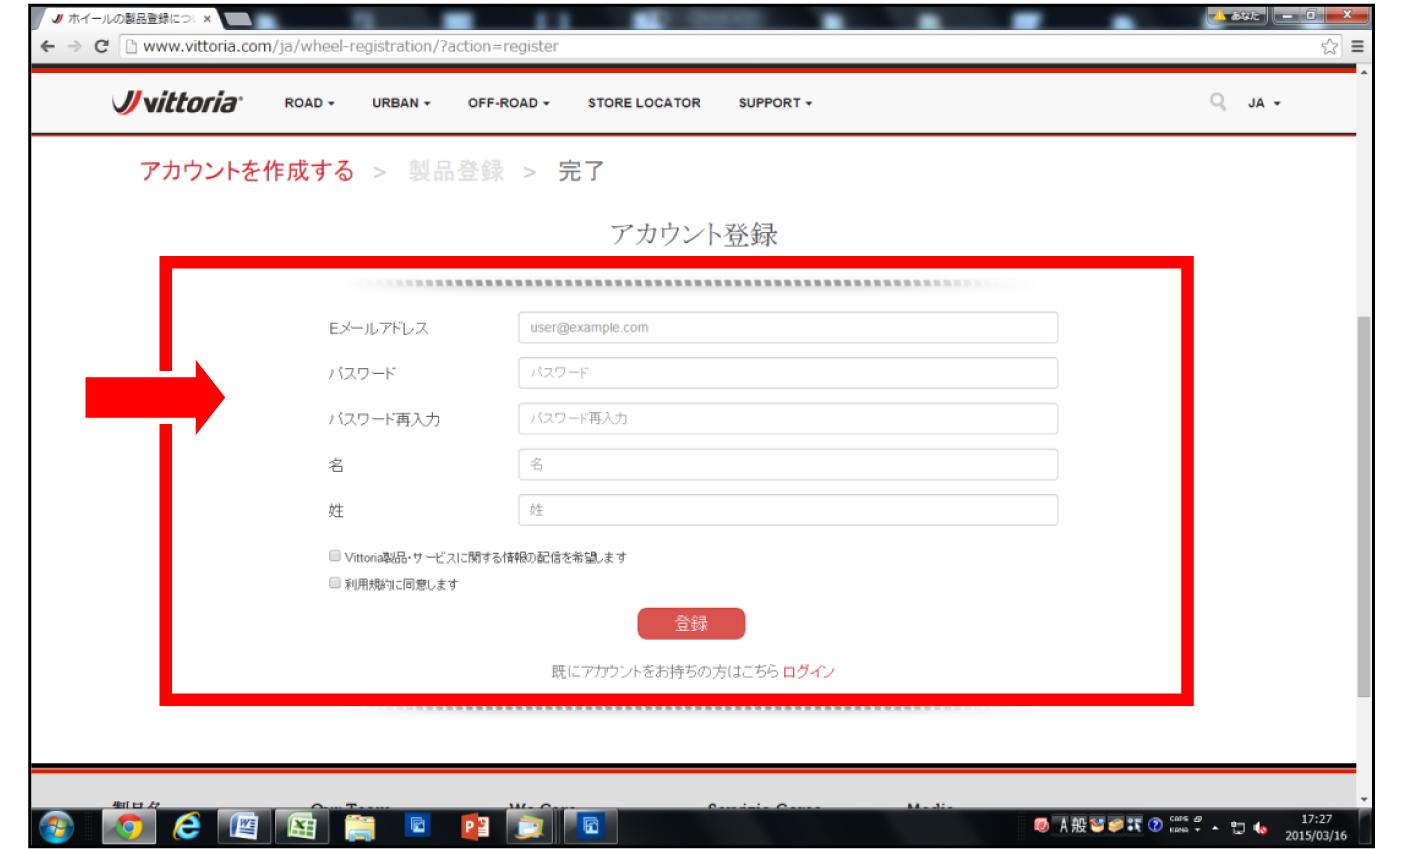 ホイールオンラインユーザー登録マニュアル-1-3